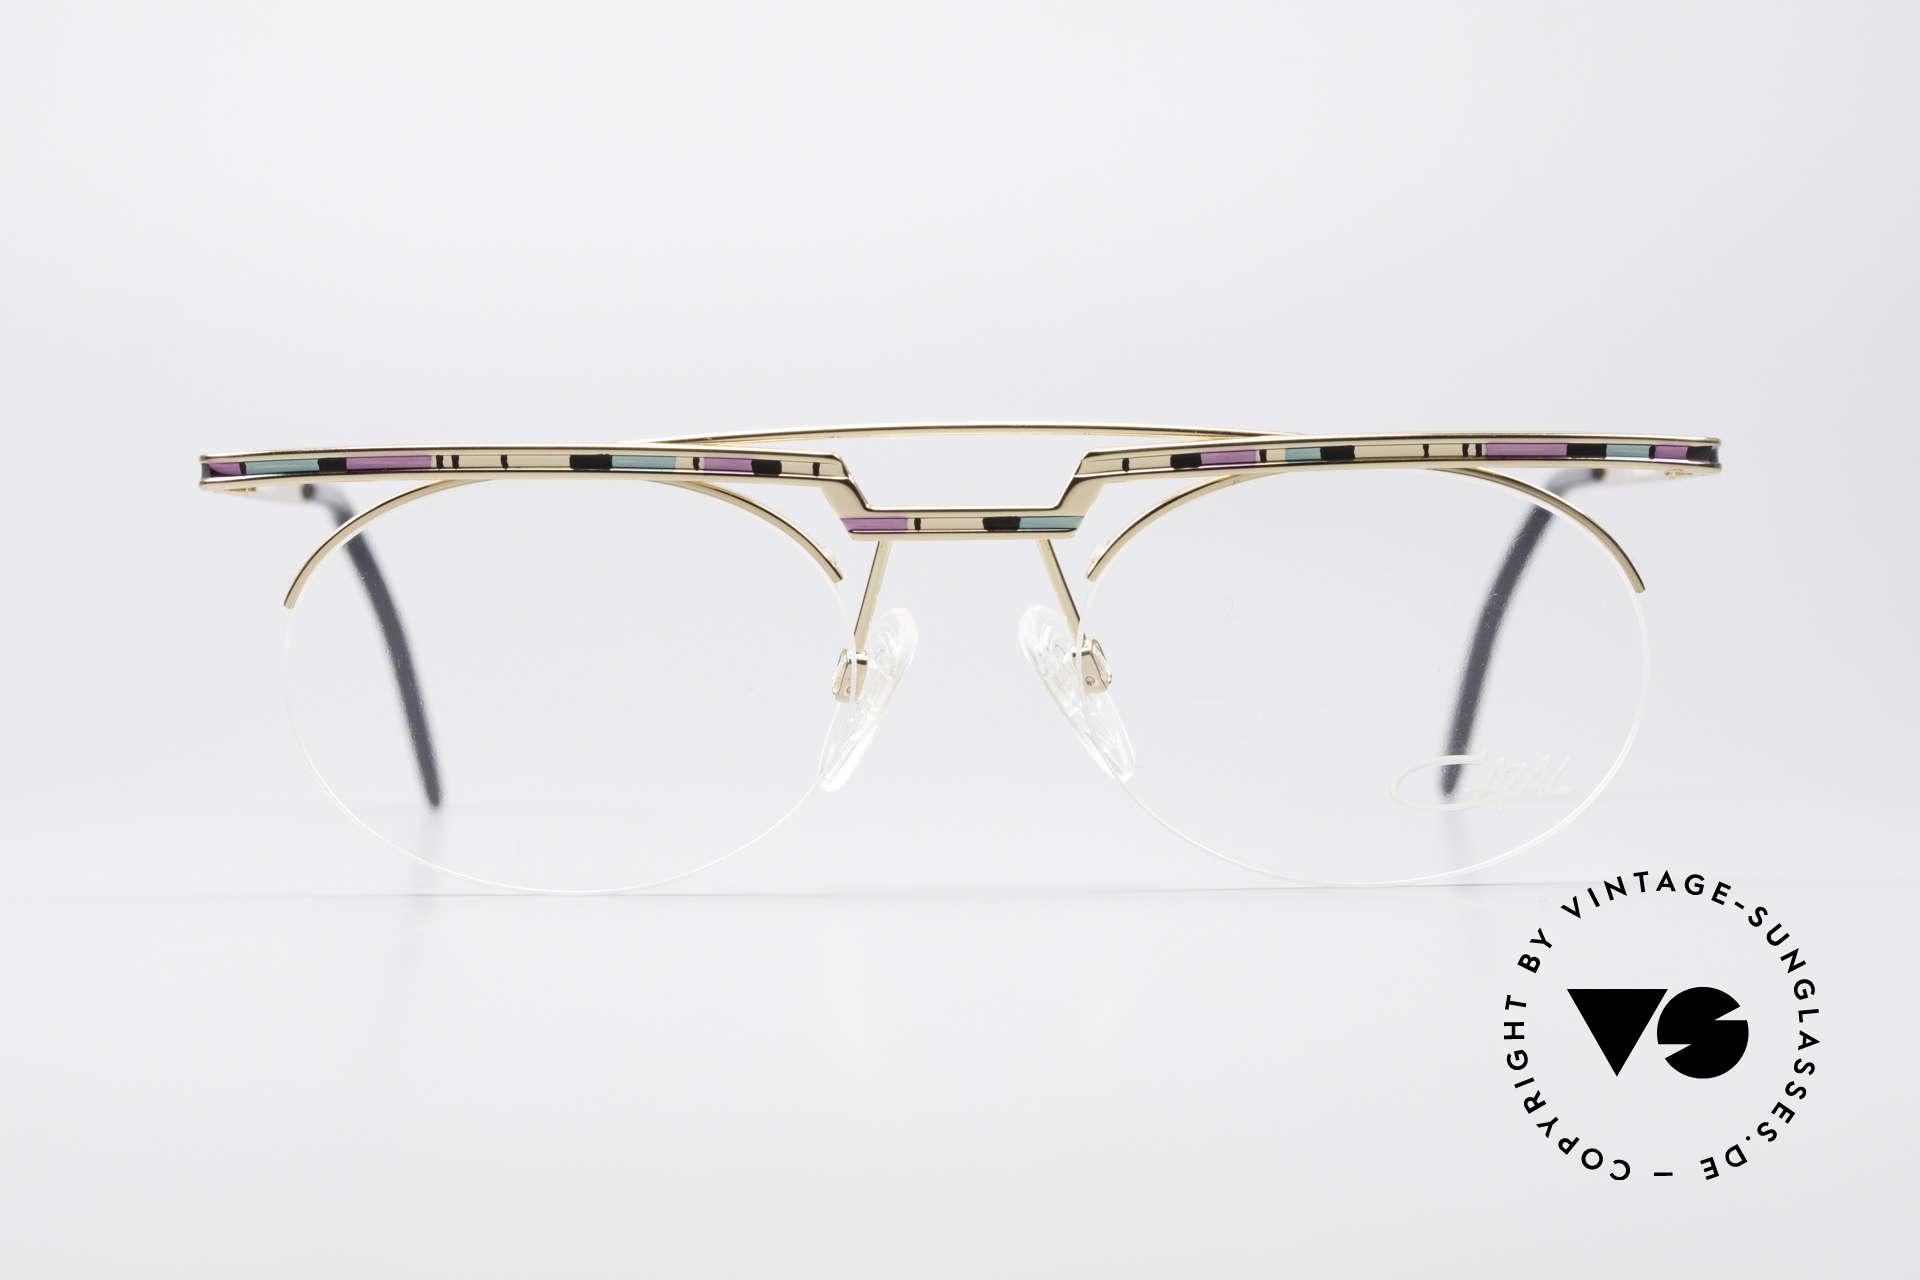 Cazal 758 Original Brille No Retrobrille, tolles geometrisches Spiel (oval und eckig zugleich), Passend für Herren und Damen